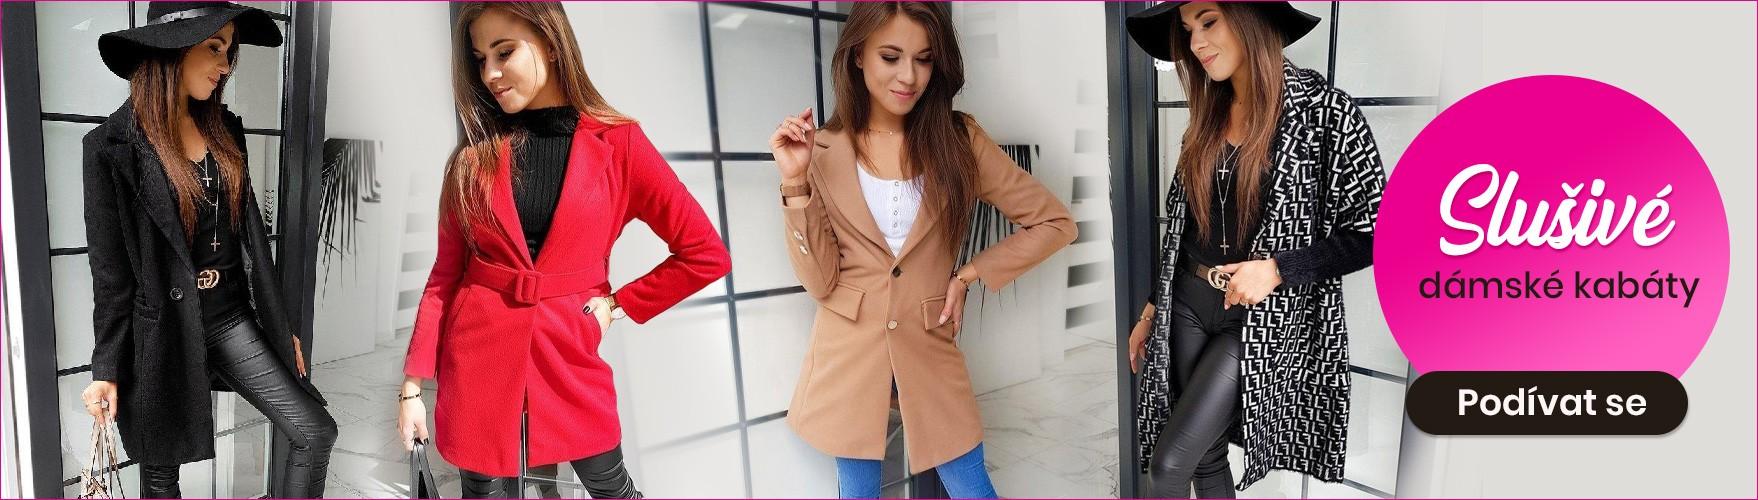 Dámské stylové kabáty